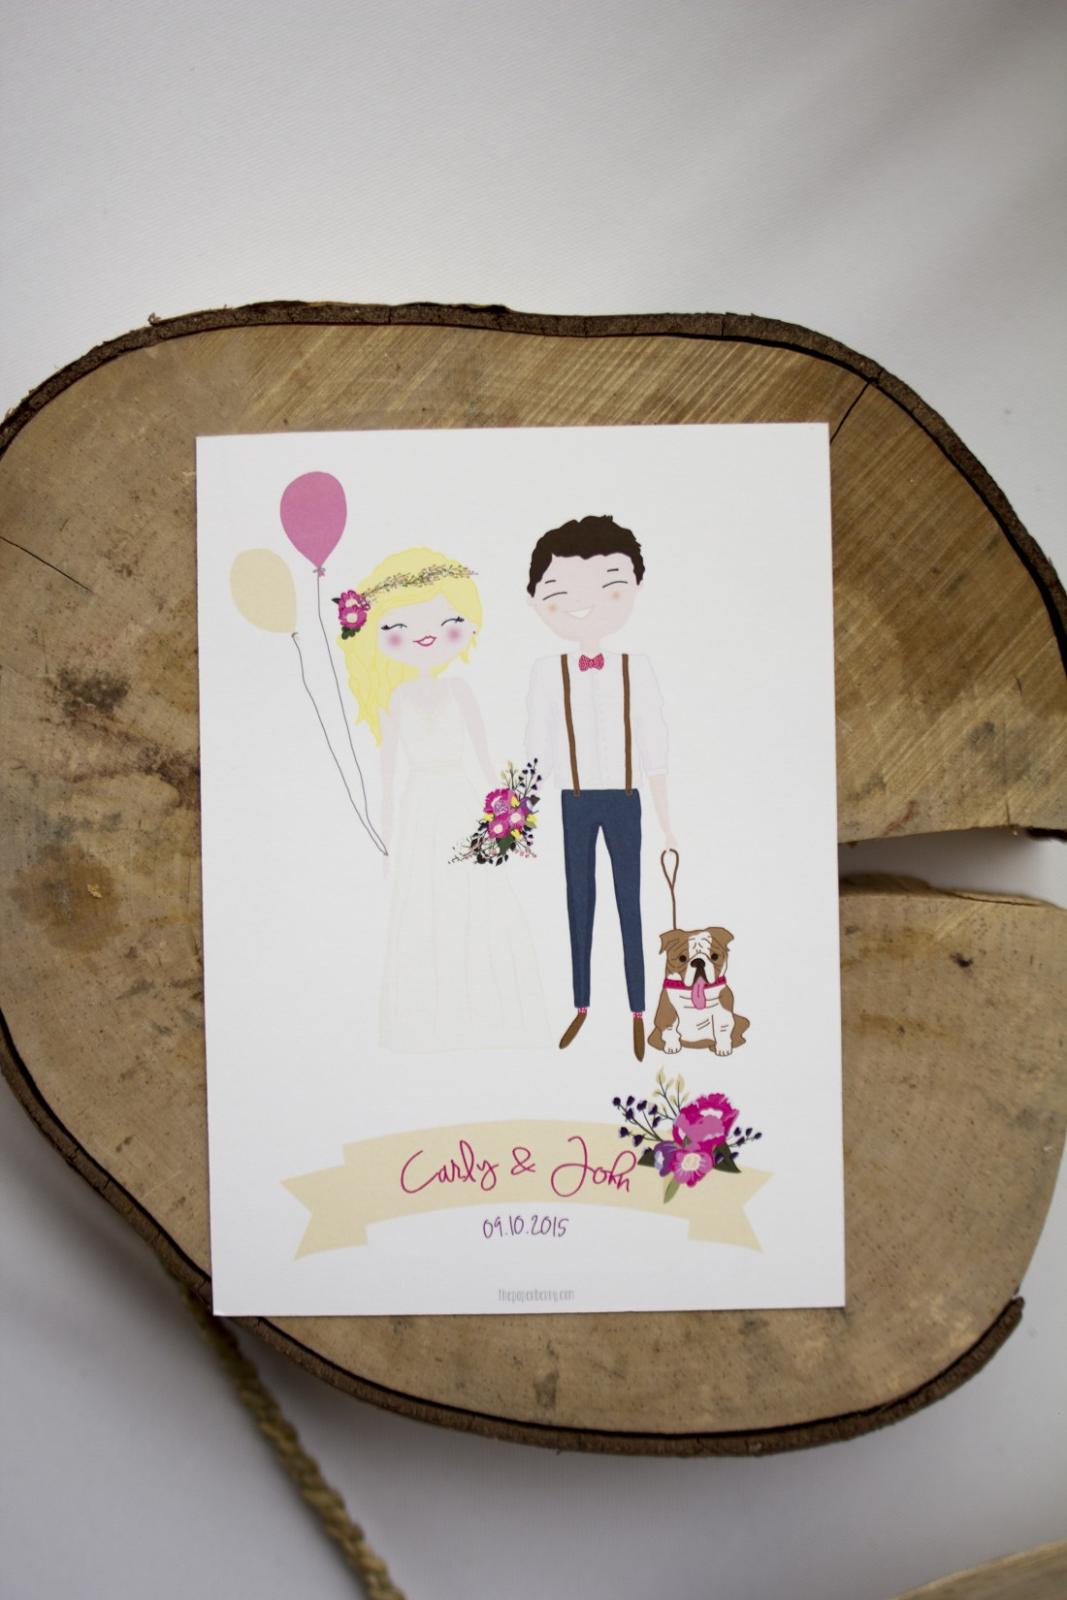 6863edd15c1c ▷Invitaciones de boda originales ilustradas - ▷ Blog de bodas ...